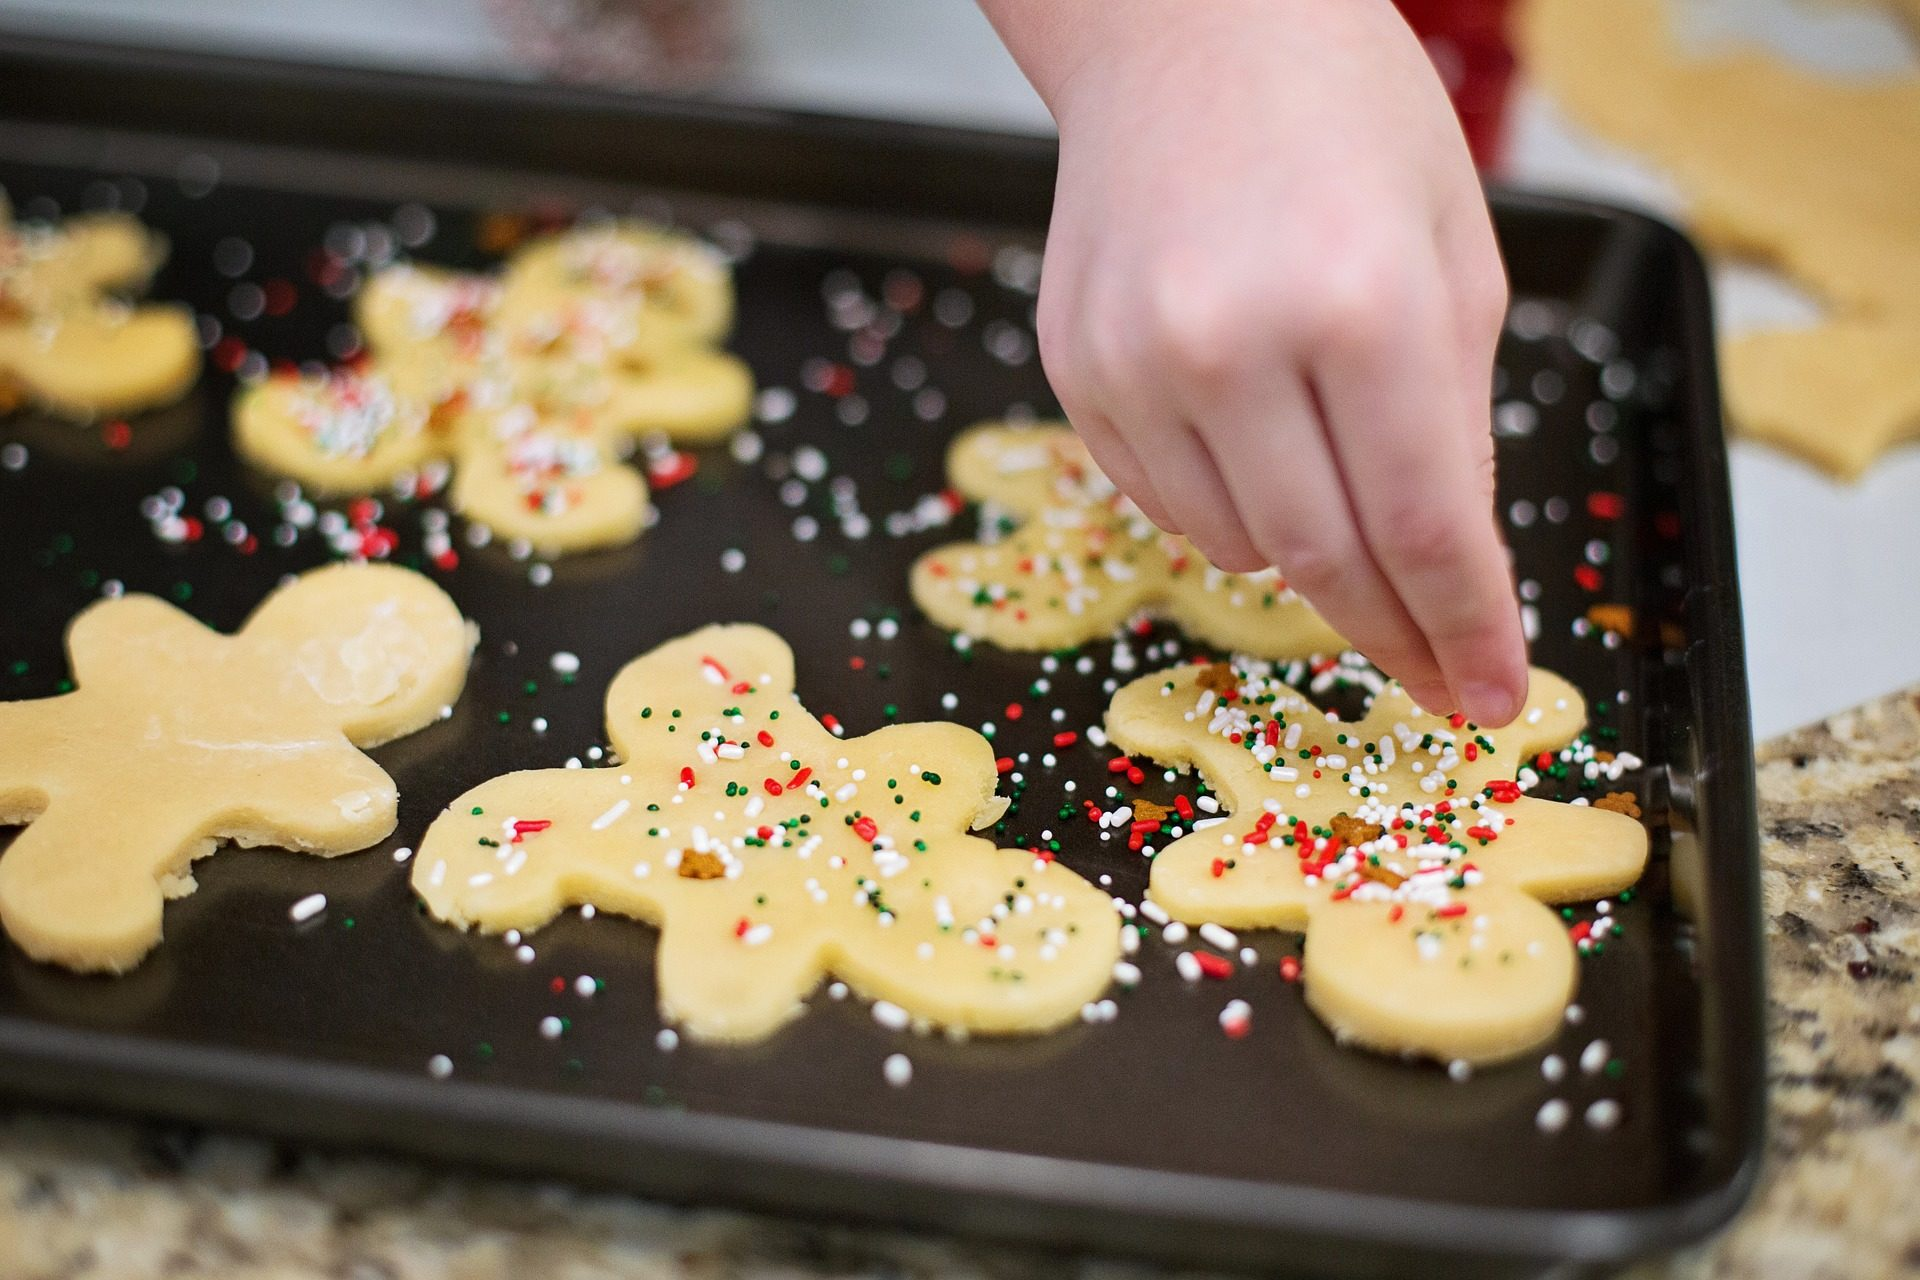 galletas, cocina, virutas, colores, navidad, postre - Fondos de Pantalla HD - professor-falken.com